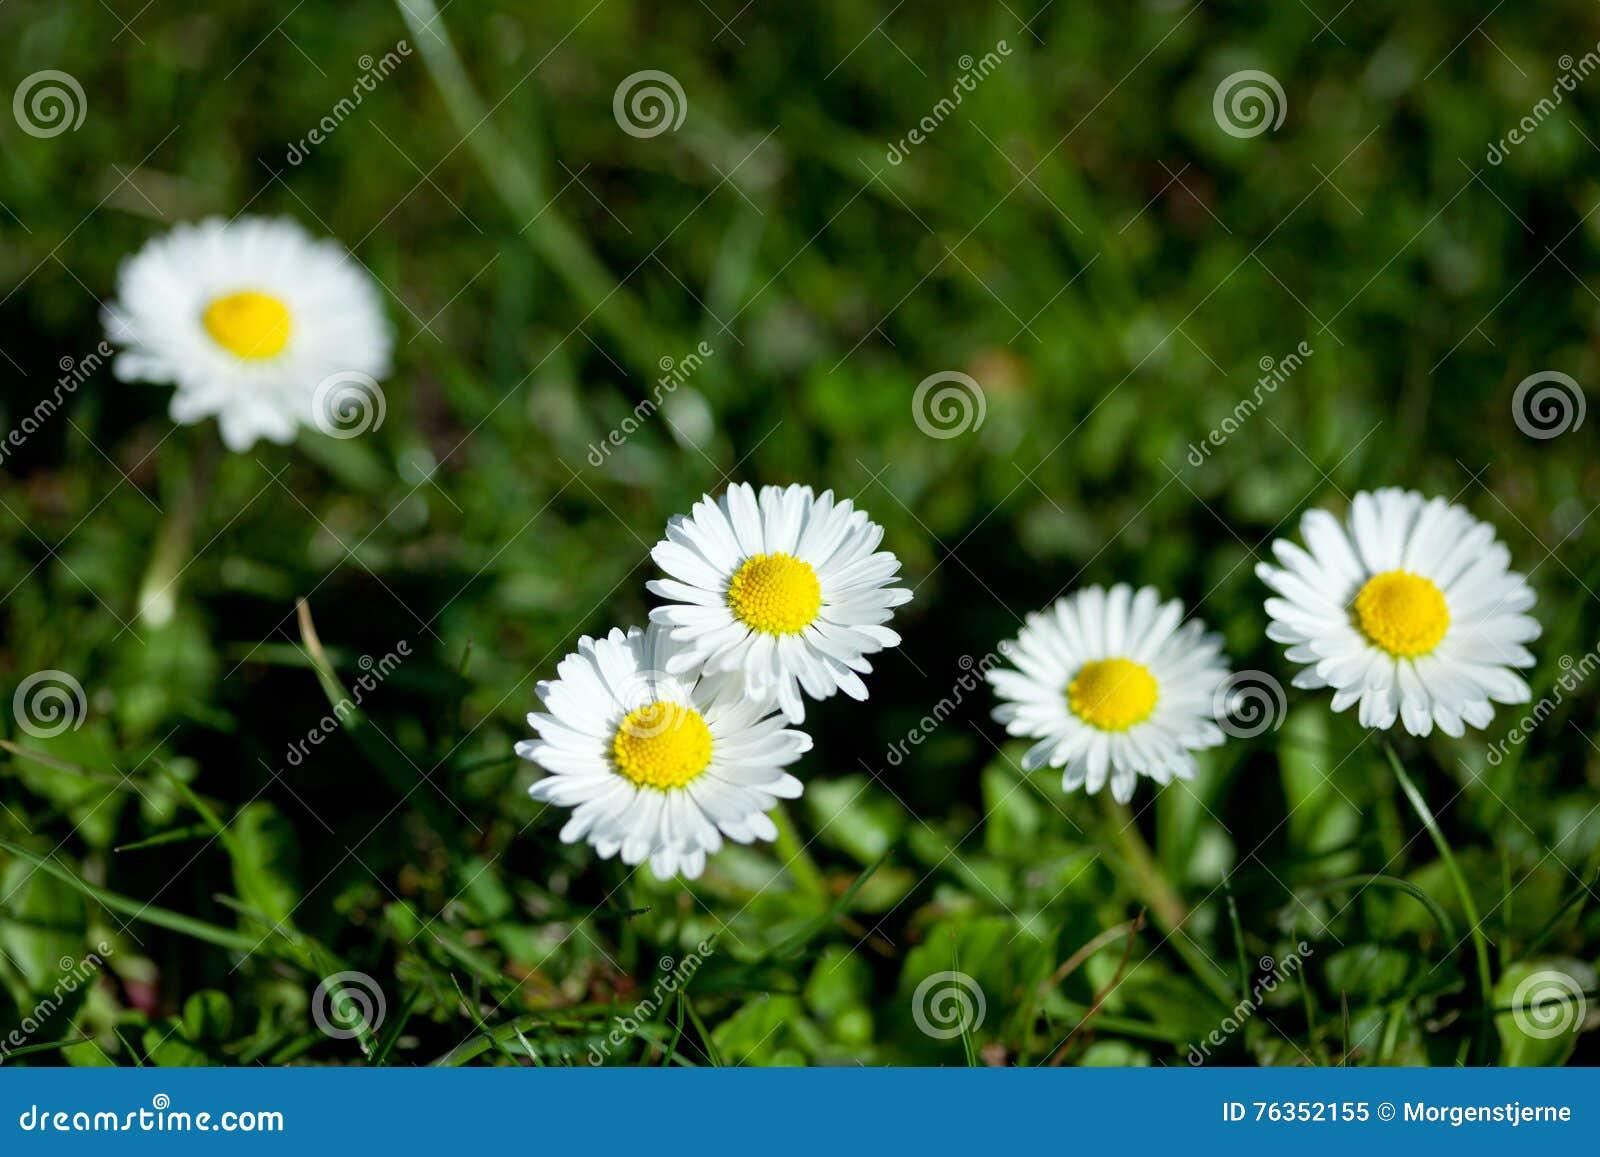 Marguerite kwiaty, mała stokrotka